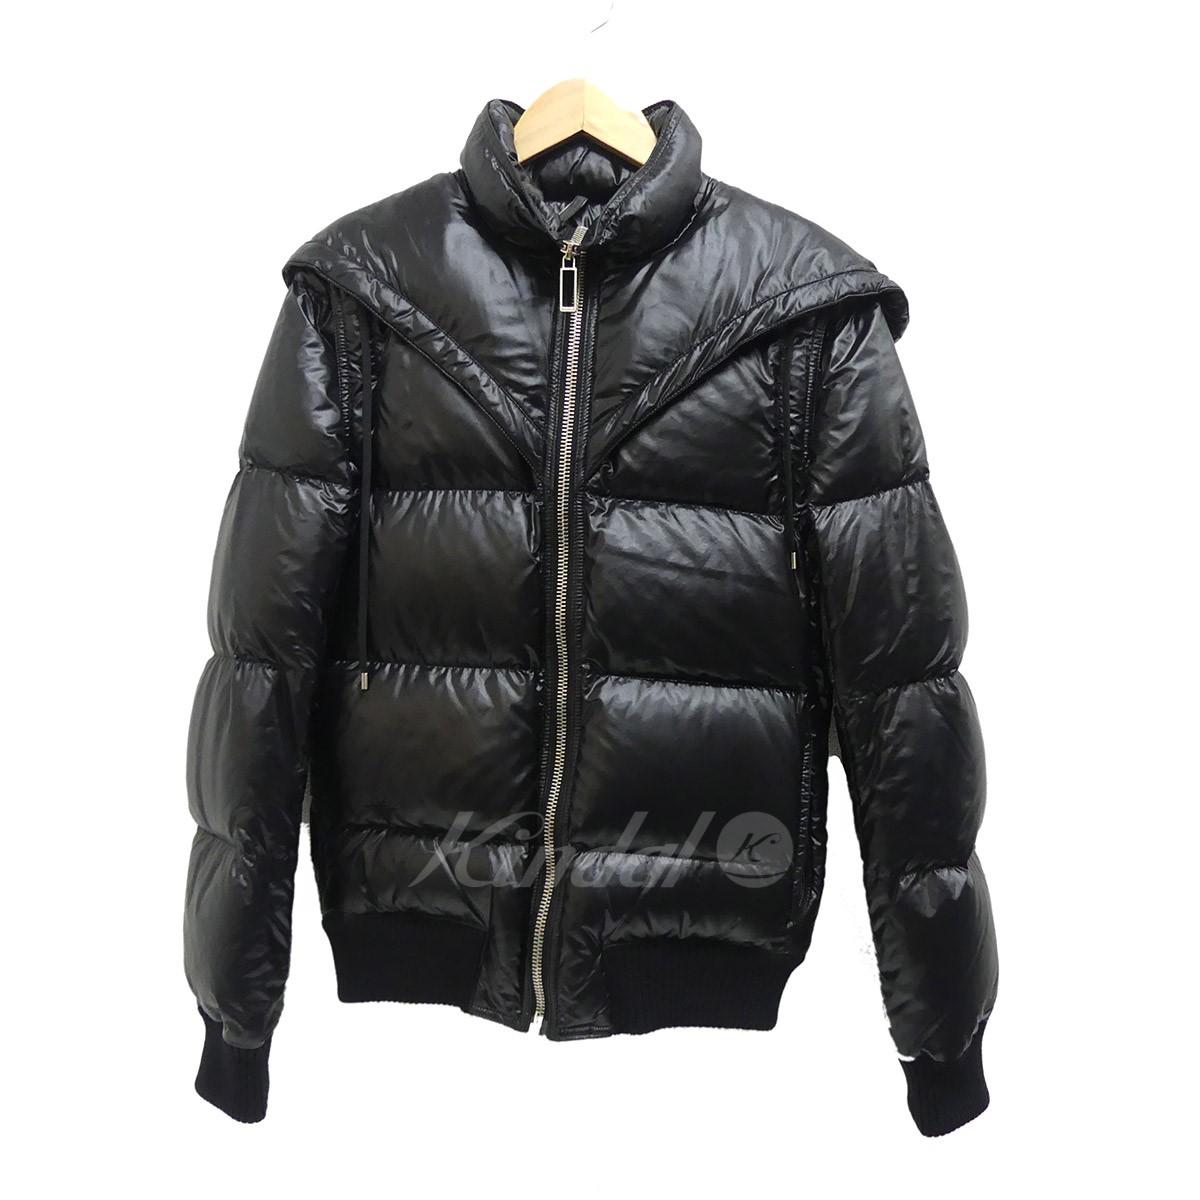 【中古】Dior Homme 2WAYフードダウンジャケット 2009AW ブラック サイズ:44 【送料無料】 【221018】(ディオールオム)